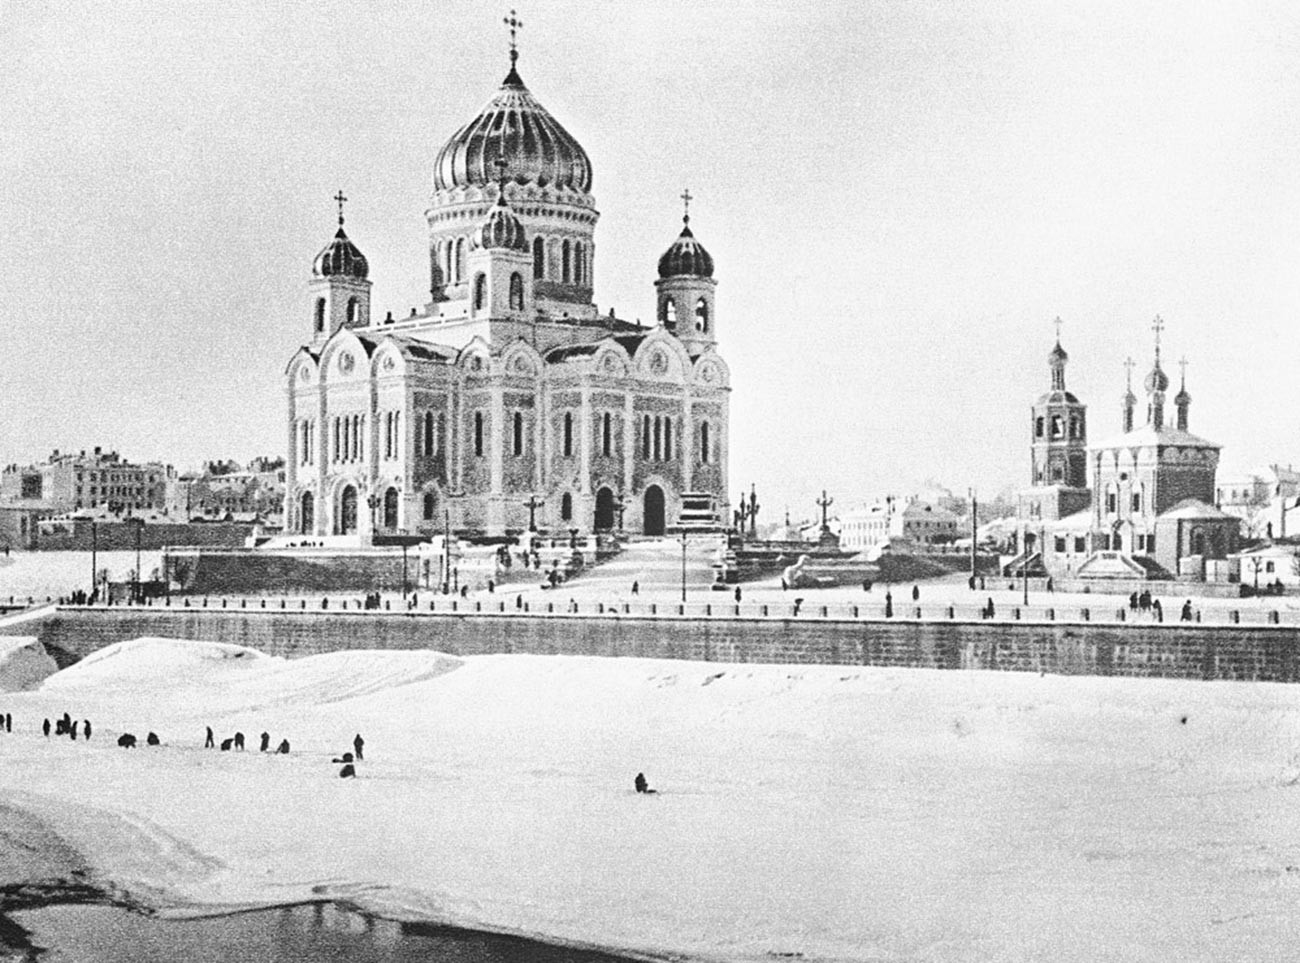 Christ-Erlöser-Kathedrale, erbaut im Jahr 1927 zu Ehren des Sieges im Vaterländischen Krieg von 1812 gegen Napoleon.